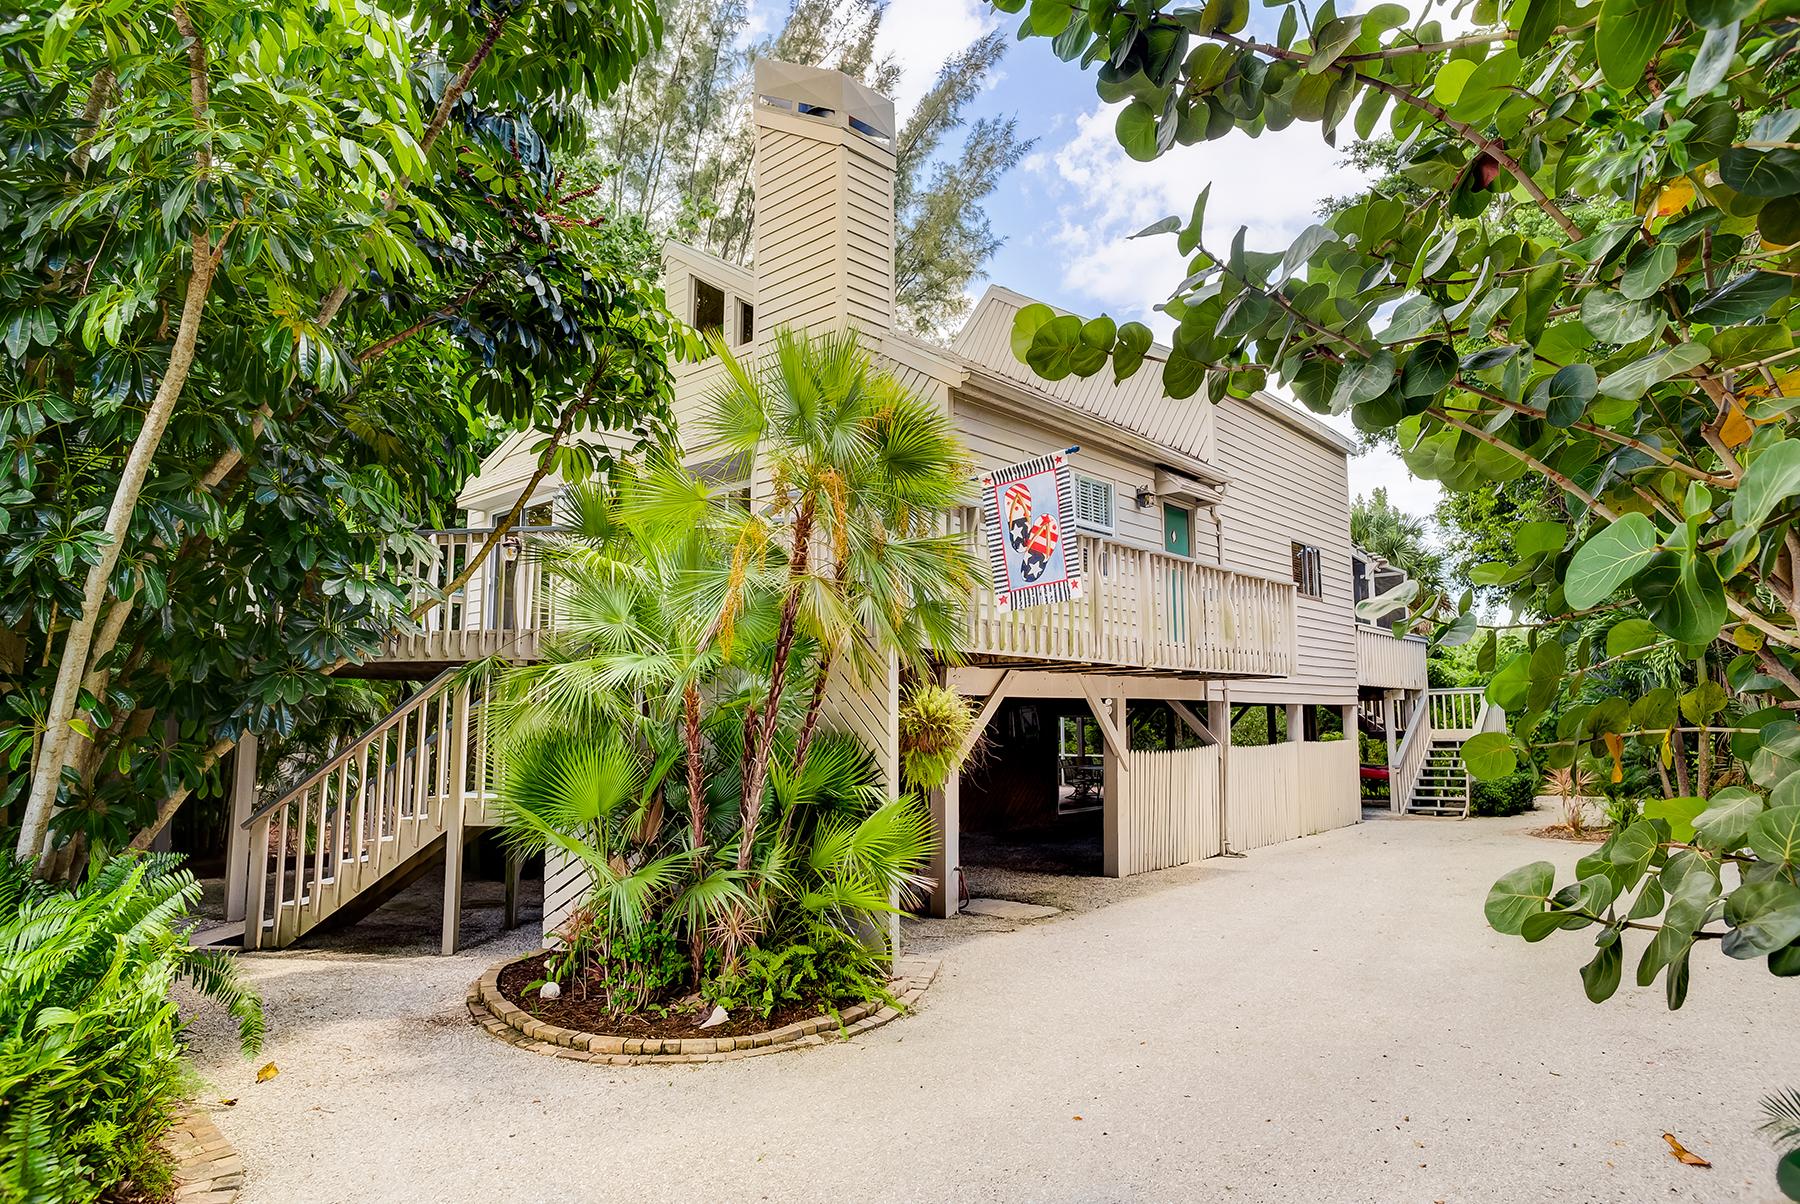 独户住宅 为 销售 在 SANIBEL 1040 Sand Castle Rd 撒你贝尔, 佛罗里达州, 33957 美国